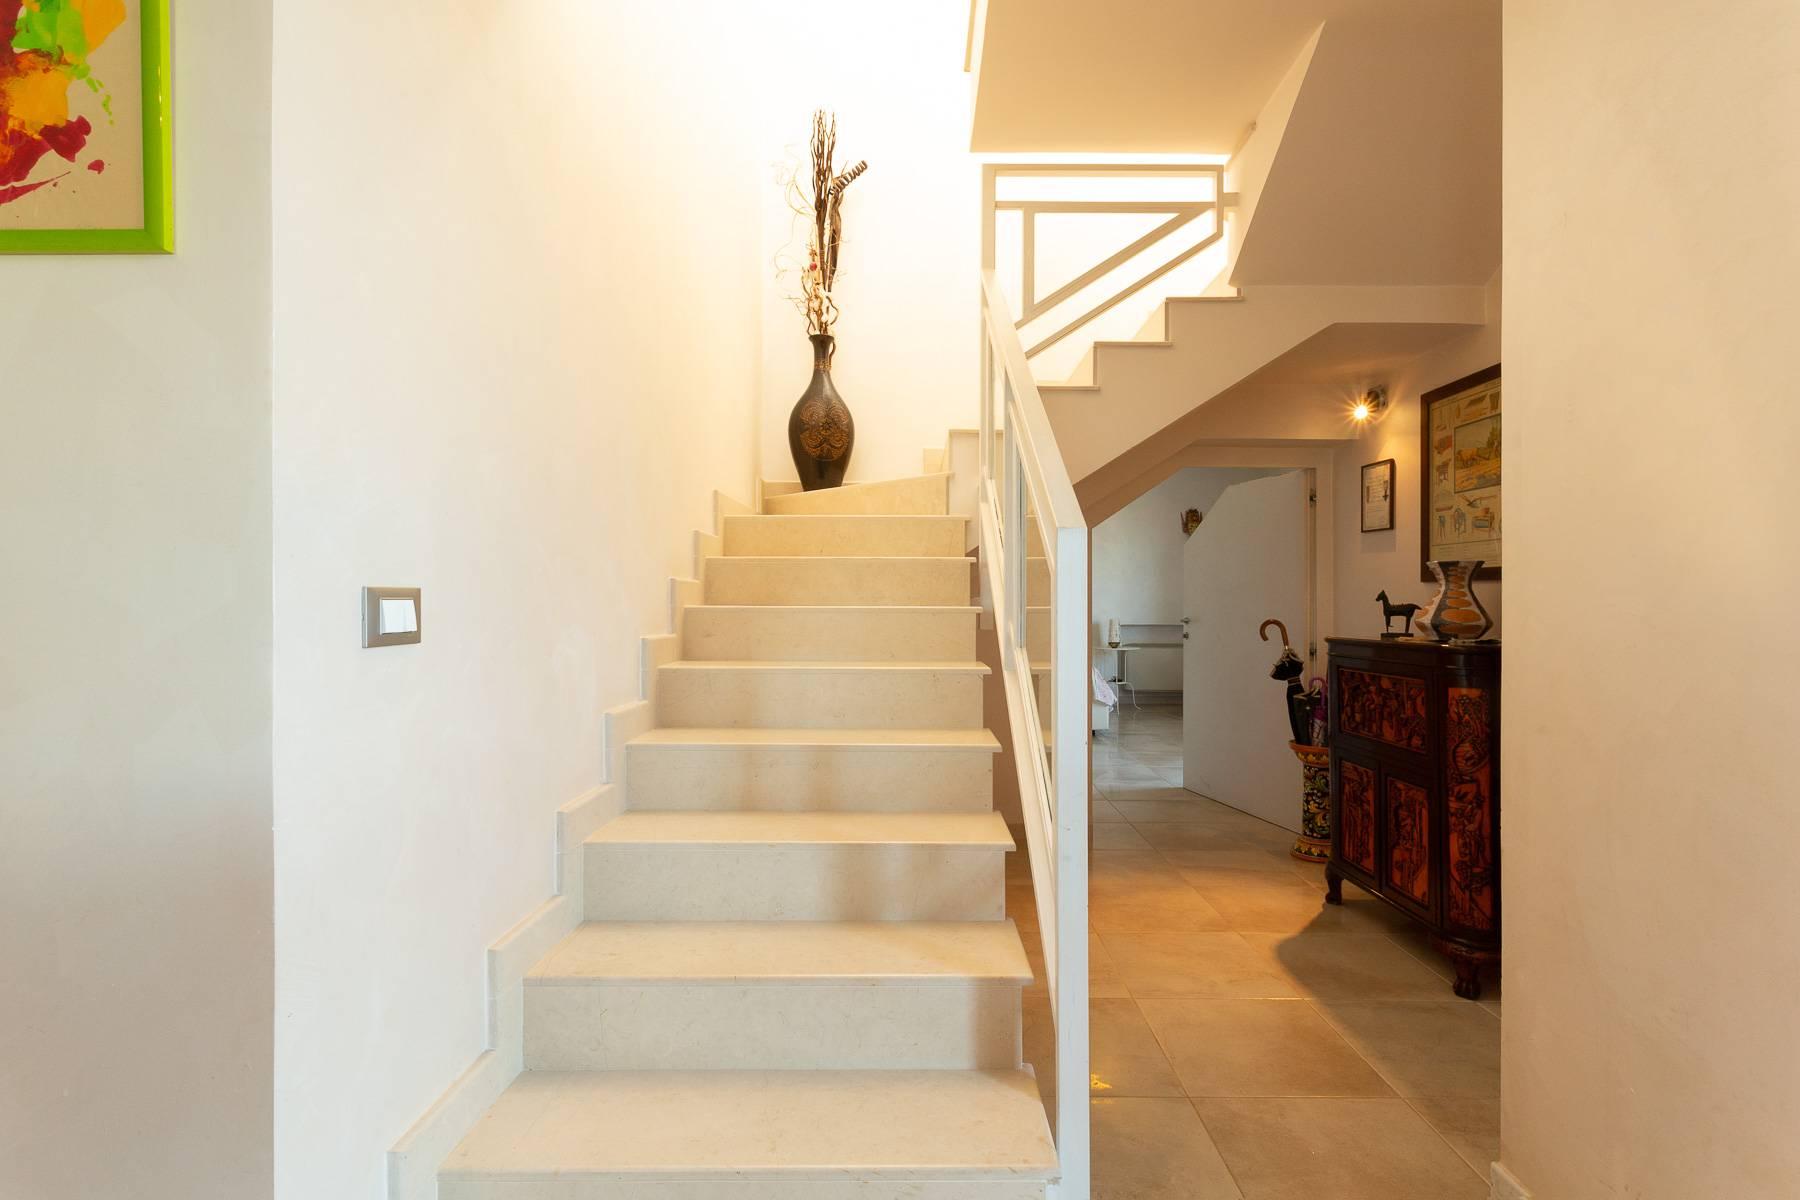 Villa in Vendita a Siracusa: 5 locali, 200 mq - Foto 10